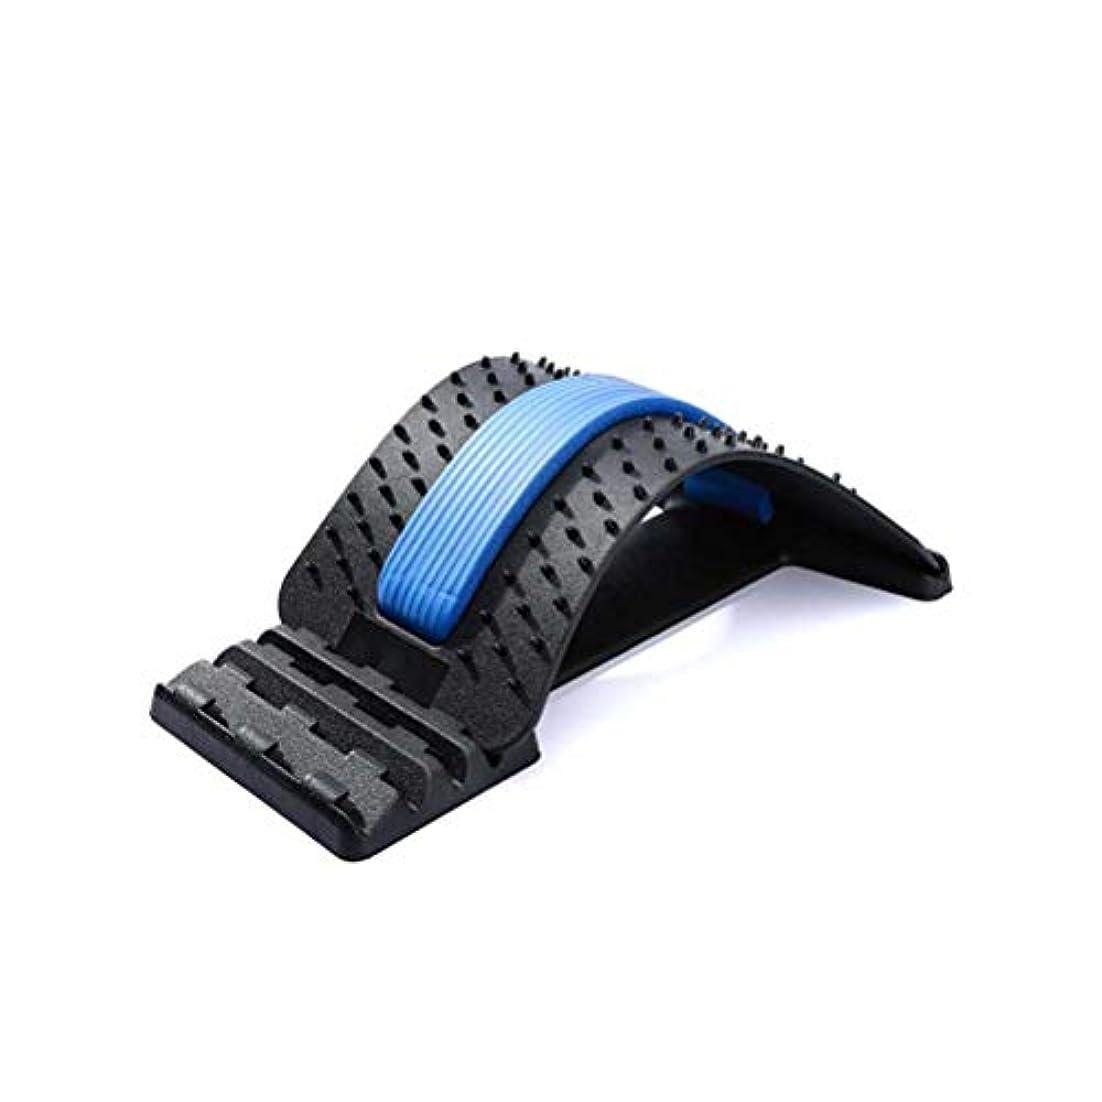 立ち向かう価値蚊SUPVOXバックストレッチングデバイスバックマッサージャーランバーサポートストレッチャー脊椎の背中の痛み筋肉痛の緩和用オフィスチェア(ブラックブルー)